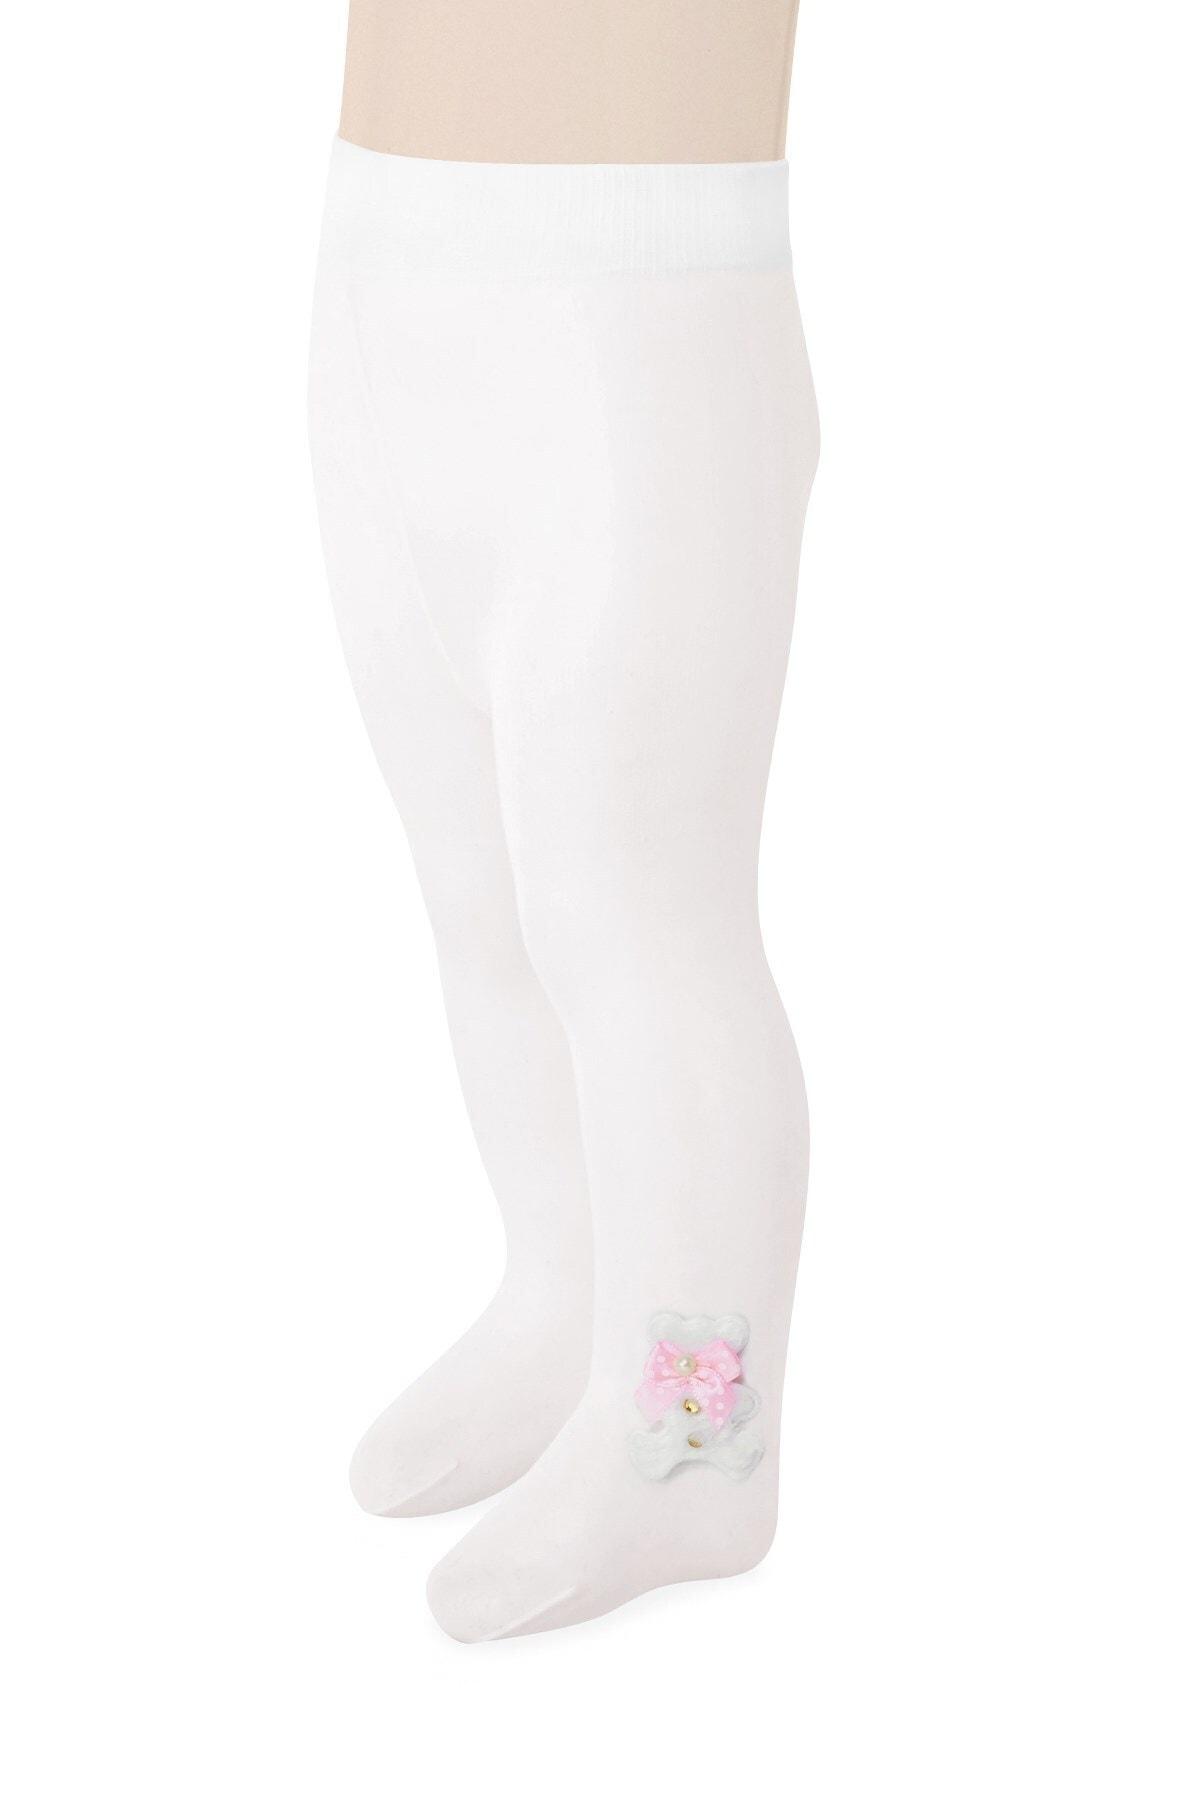 Fullamoda Külotlu Çorap